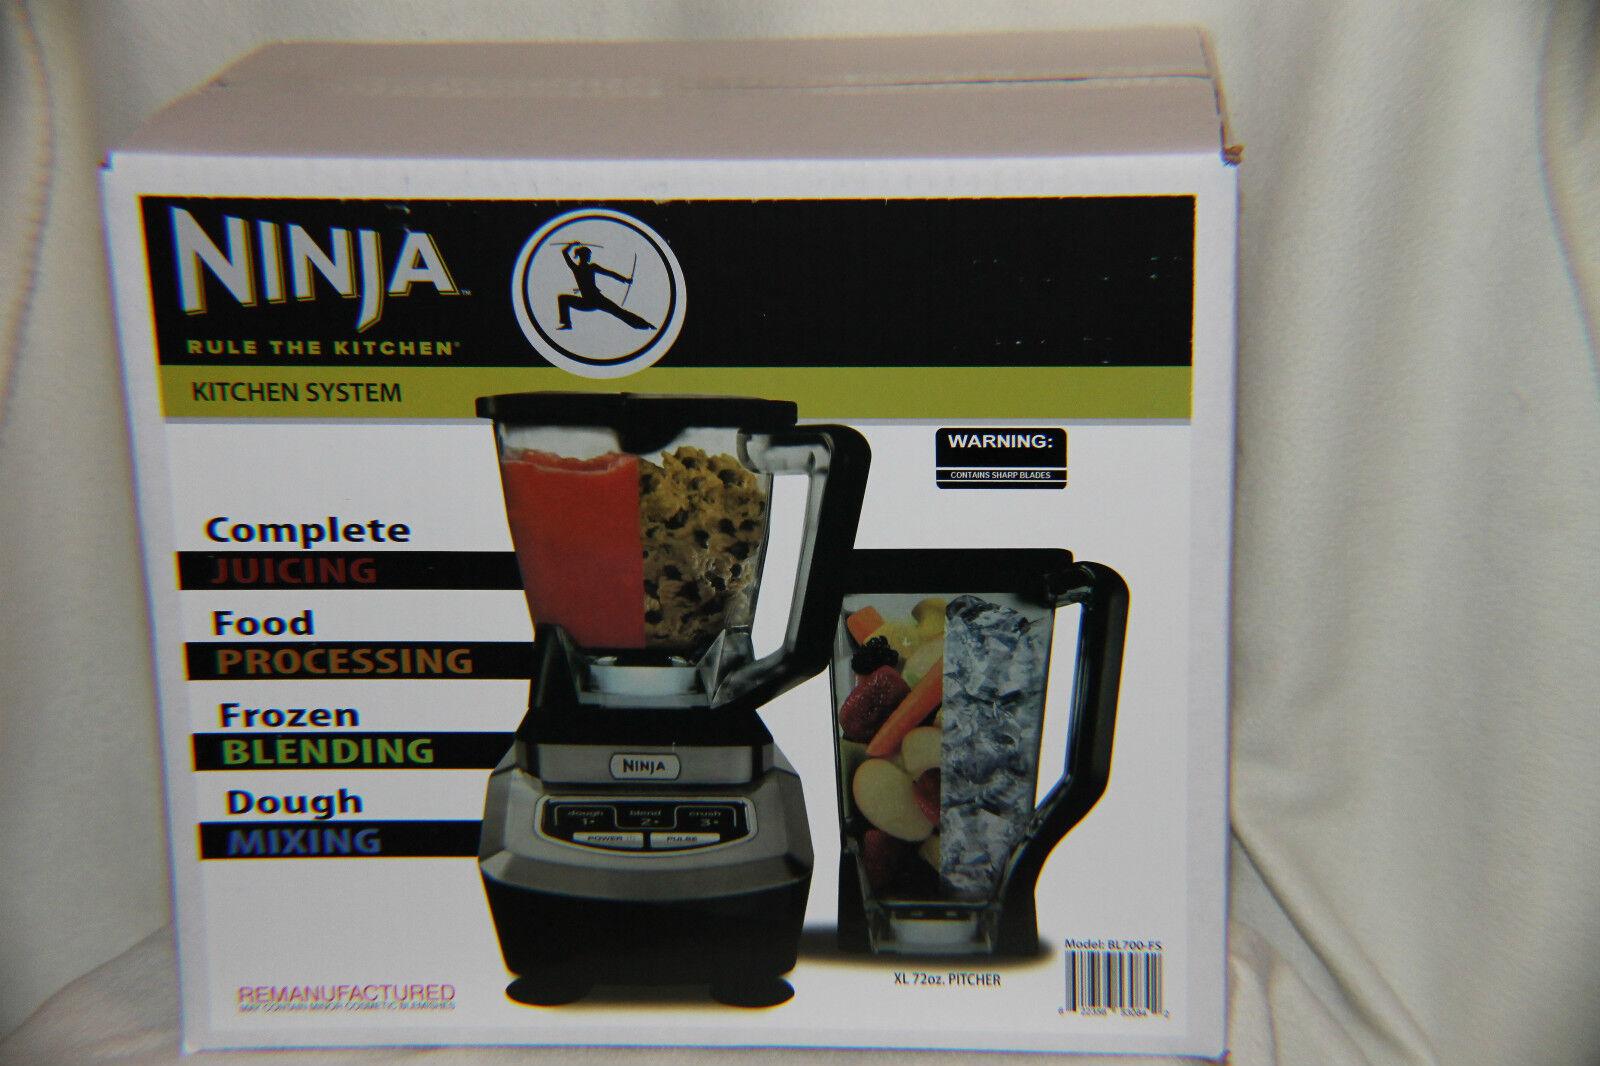 Remanufactured NINJA Kitchen System 1100 – o Pro BL700 Blender